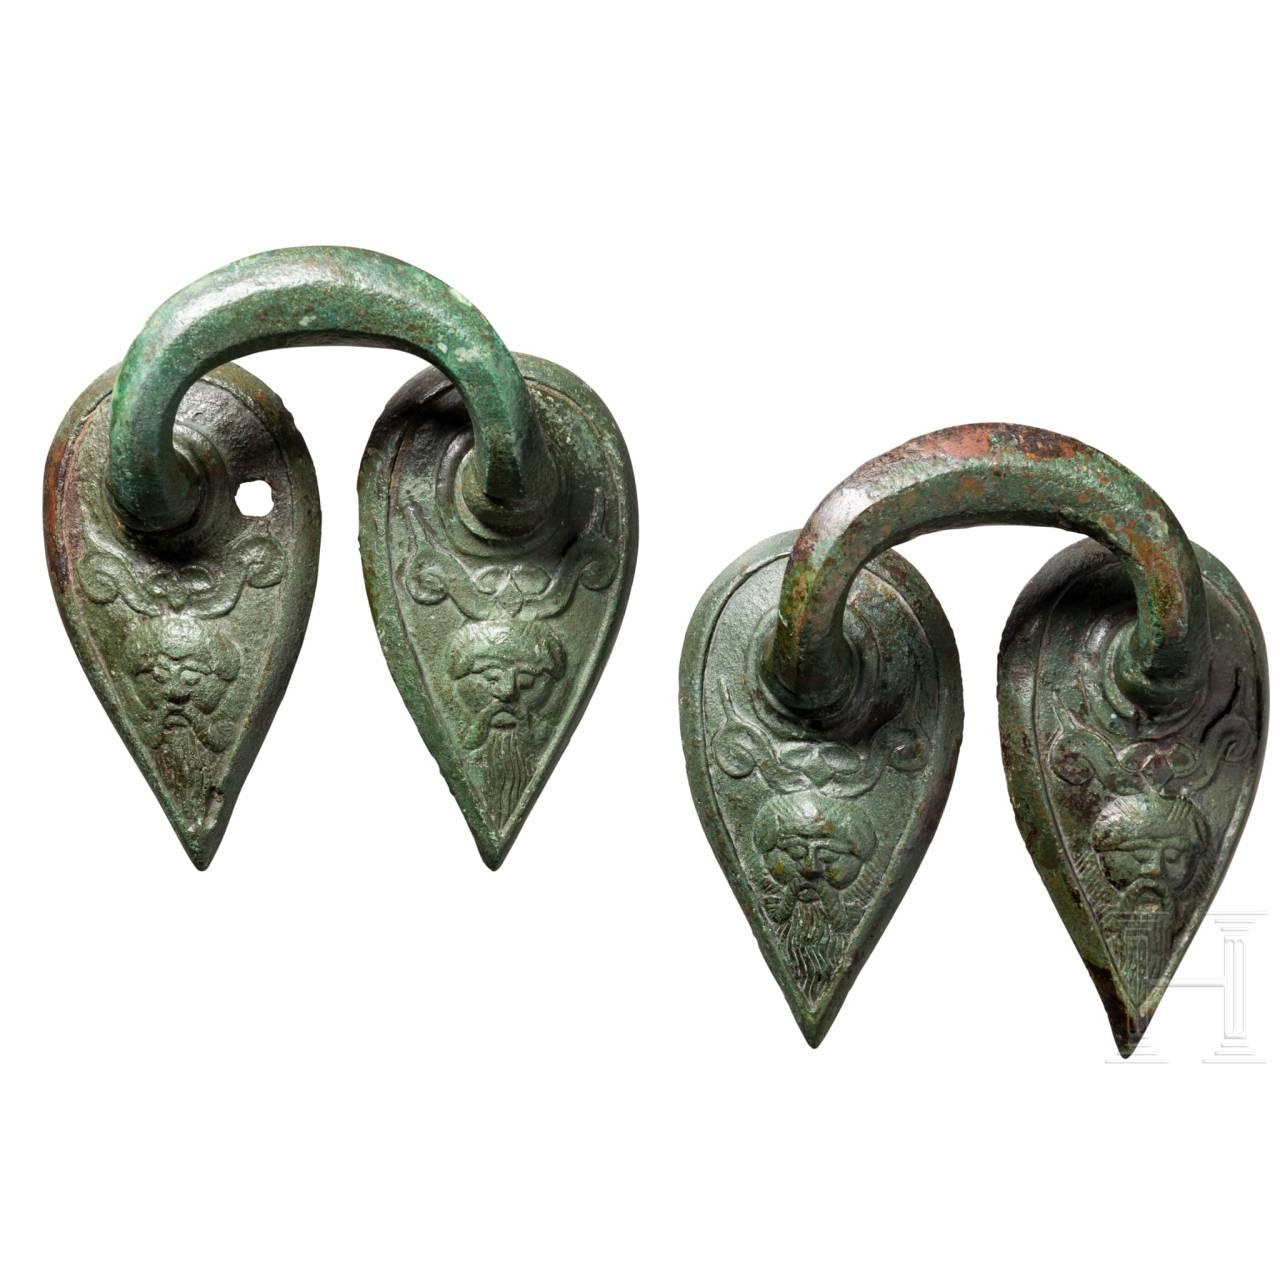 Zwei spätarchaische bronzene Henkelattaschen, Griechenland, um 500 v. Chr.